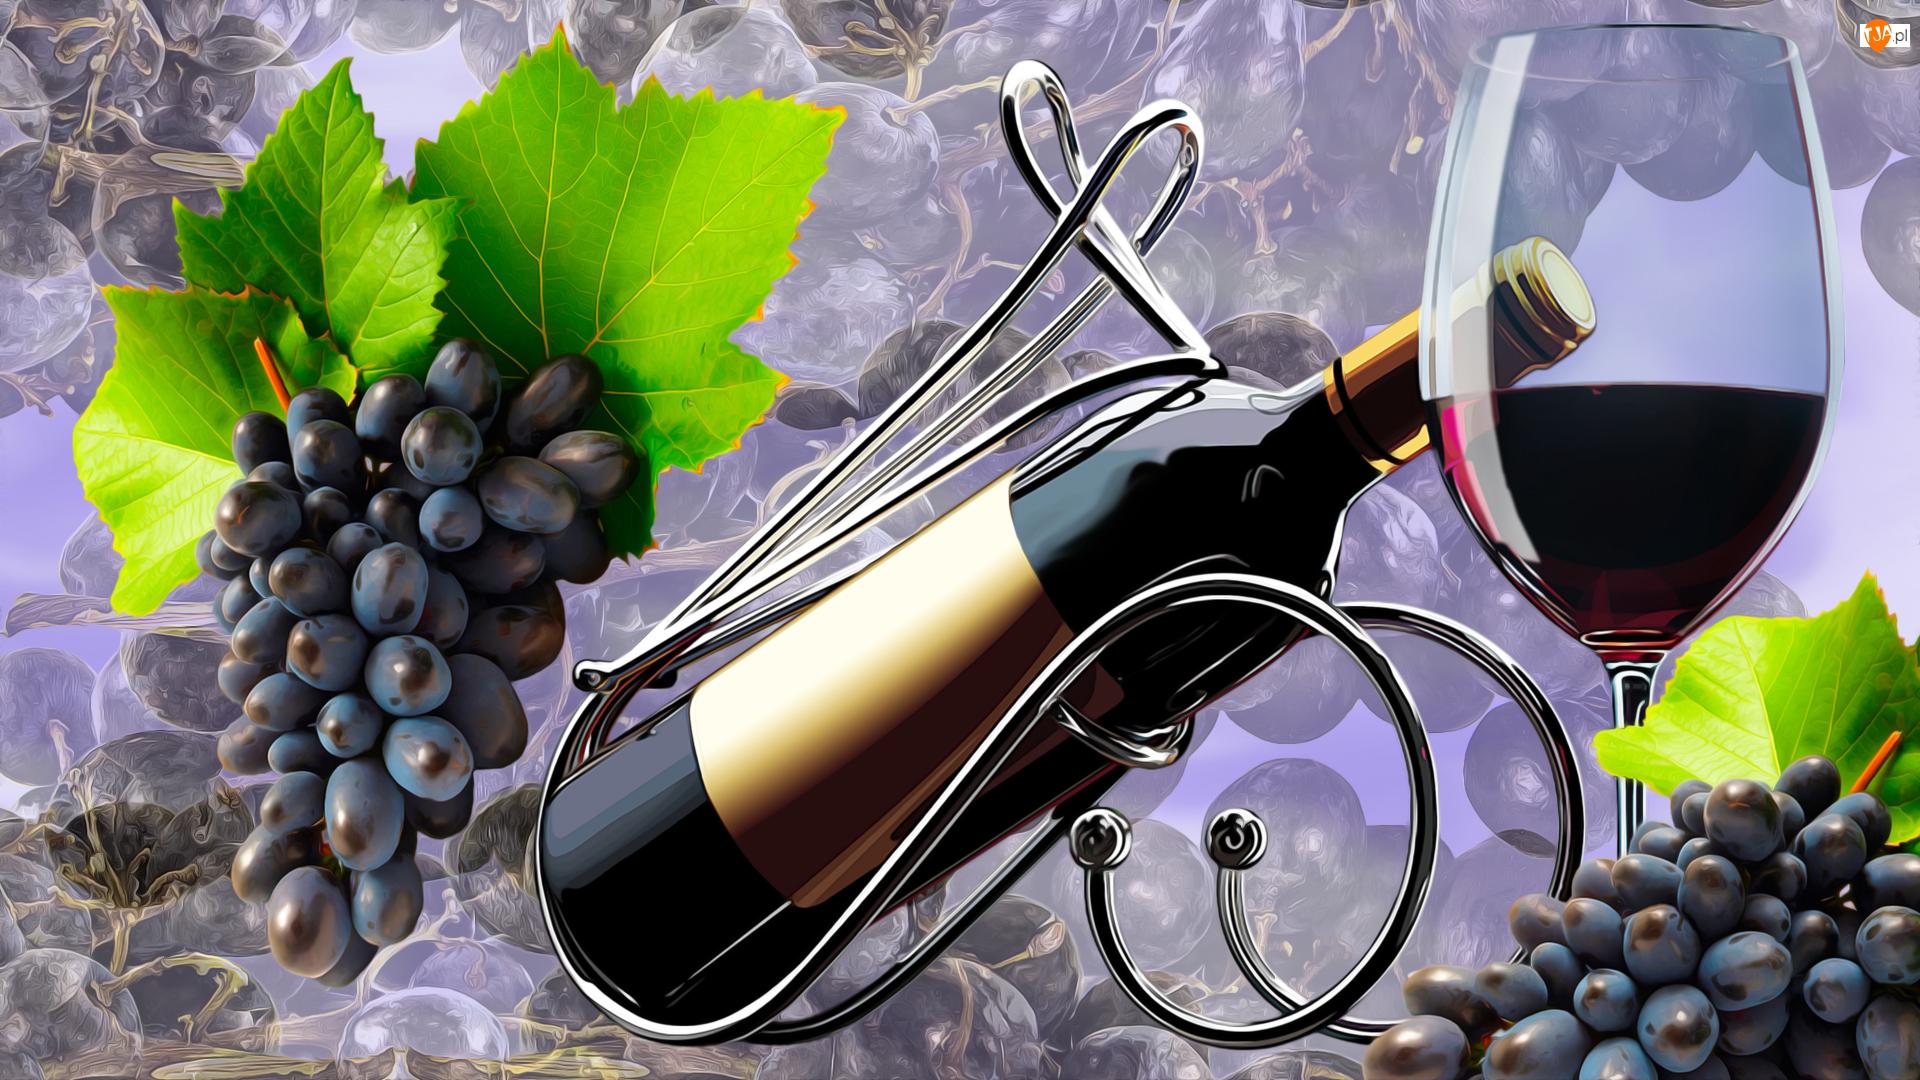 Winogrona, Owoce, Kieliszek, Grafika, Butelki, Wino